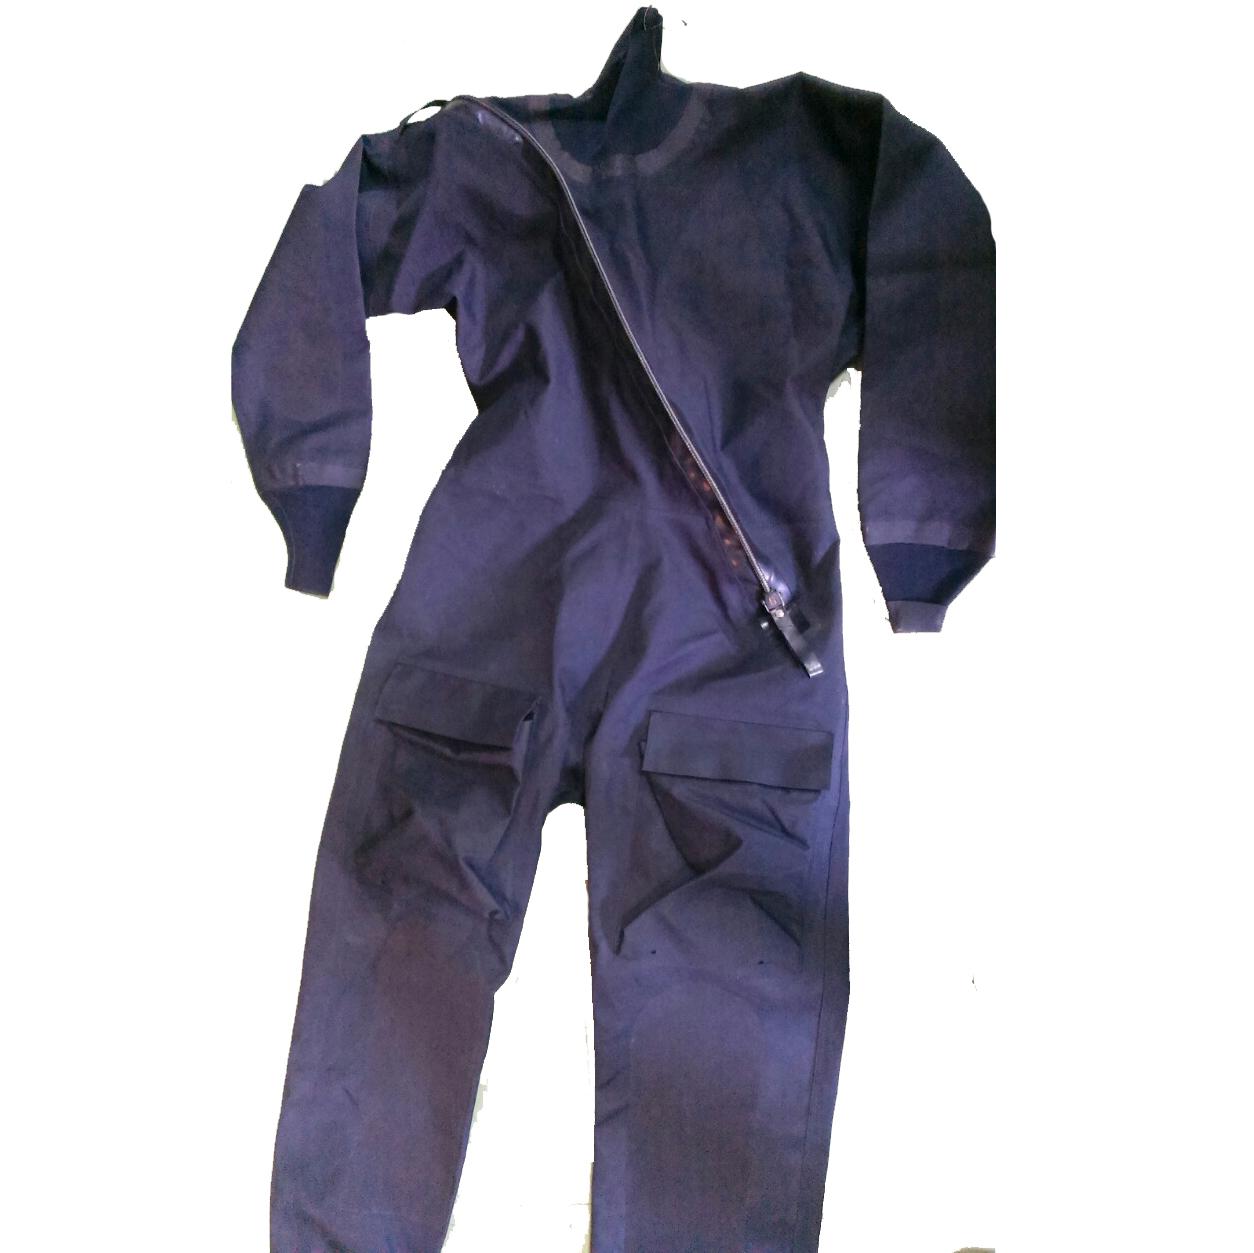 imersion suit